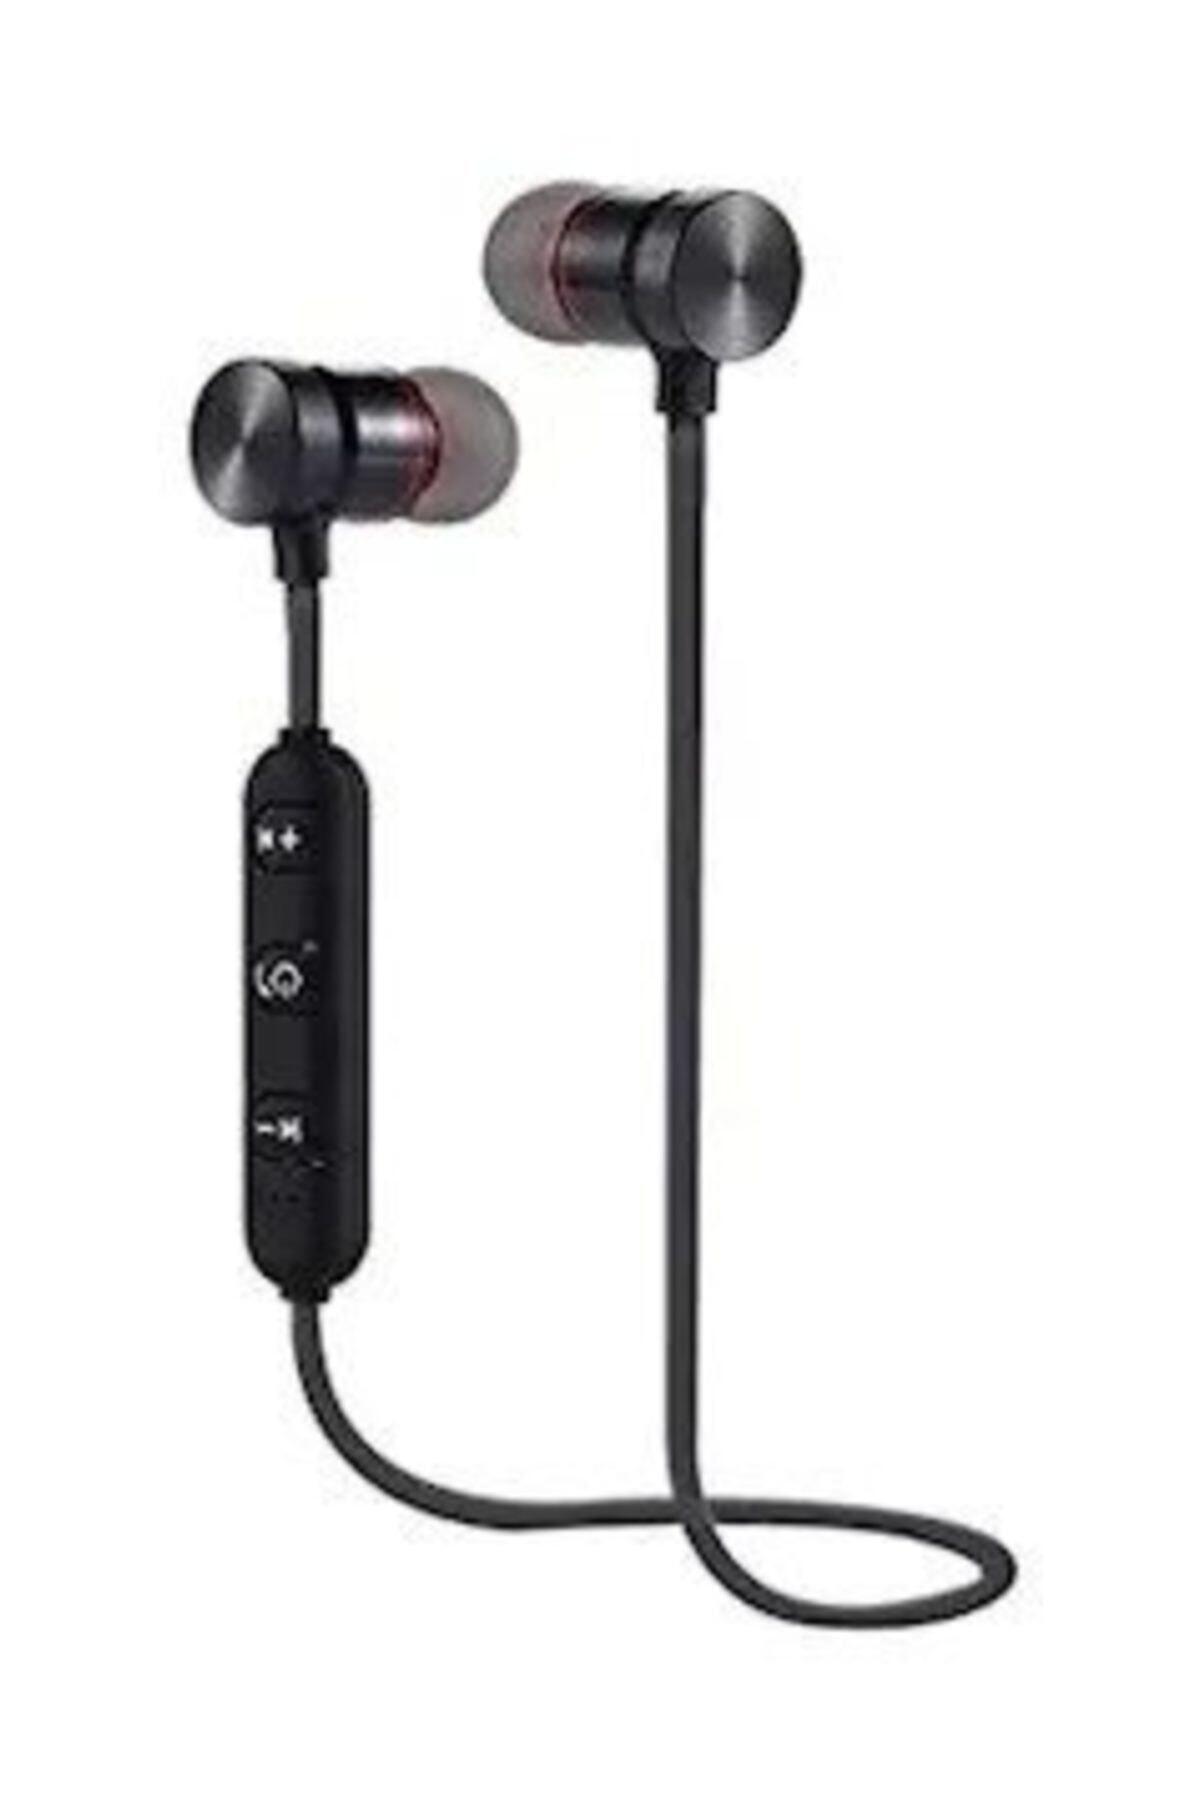 POWER Kulaklık Mikrofonlu Bluetooth M- Blt-88 Kırmızı Fiyatı, Yorumları -  Trendyol